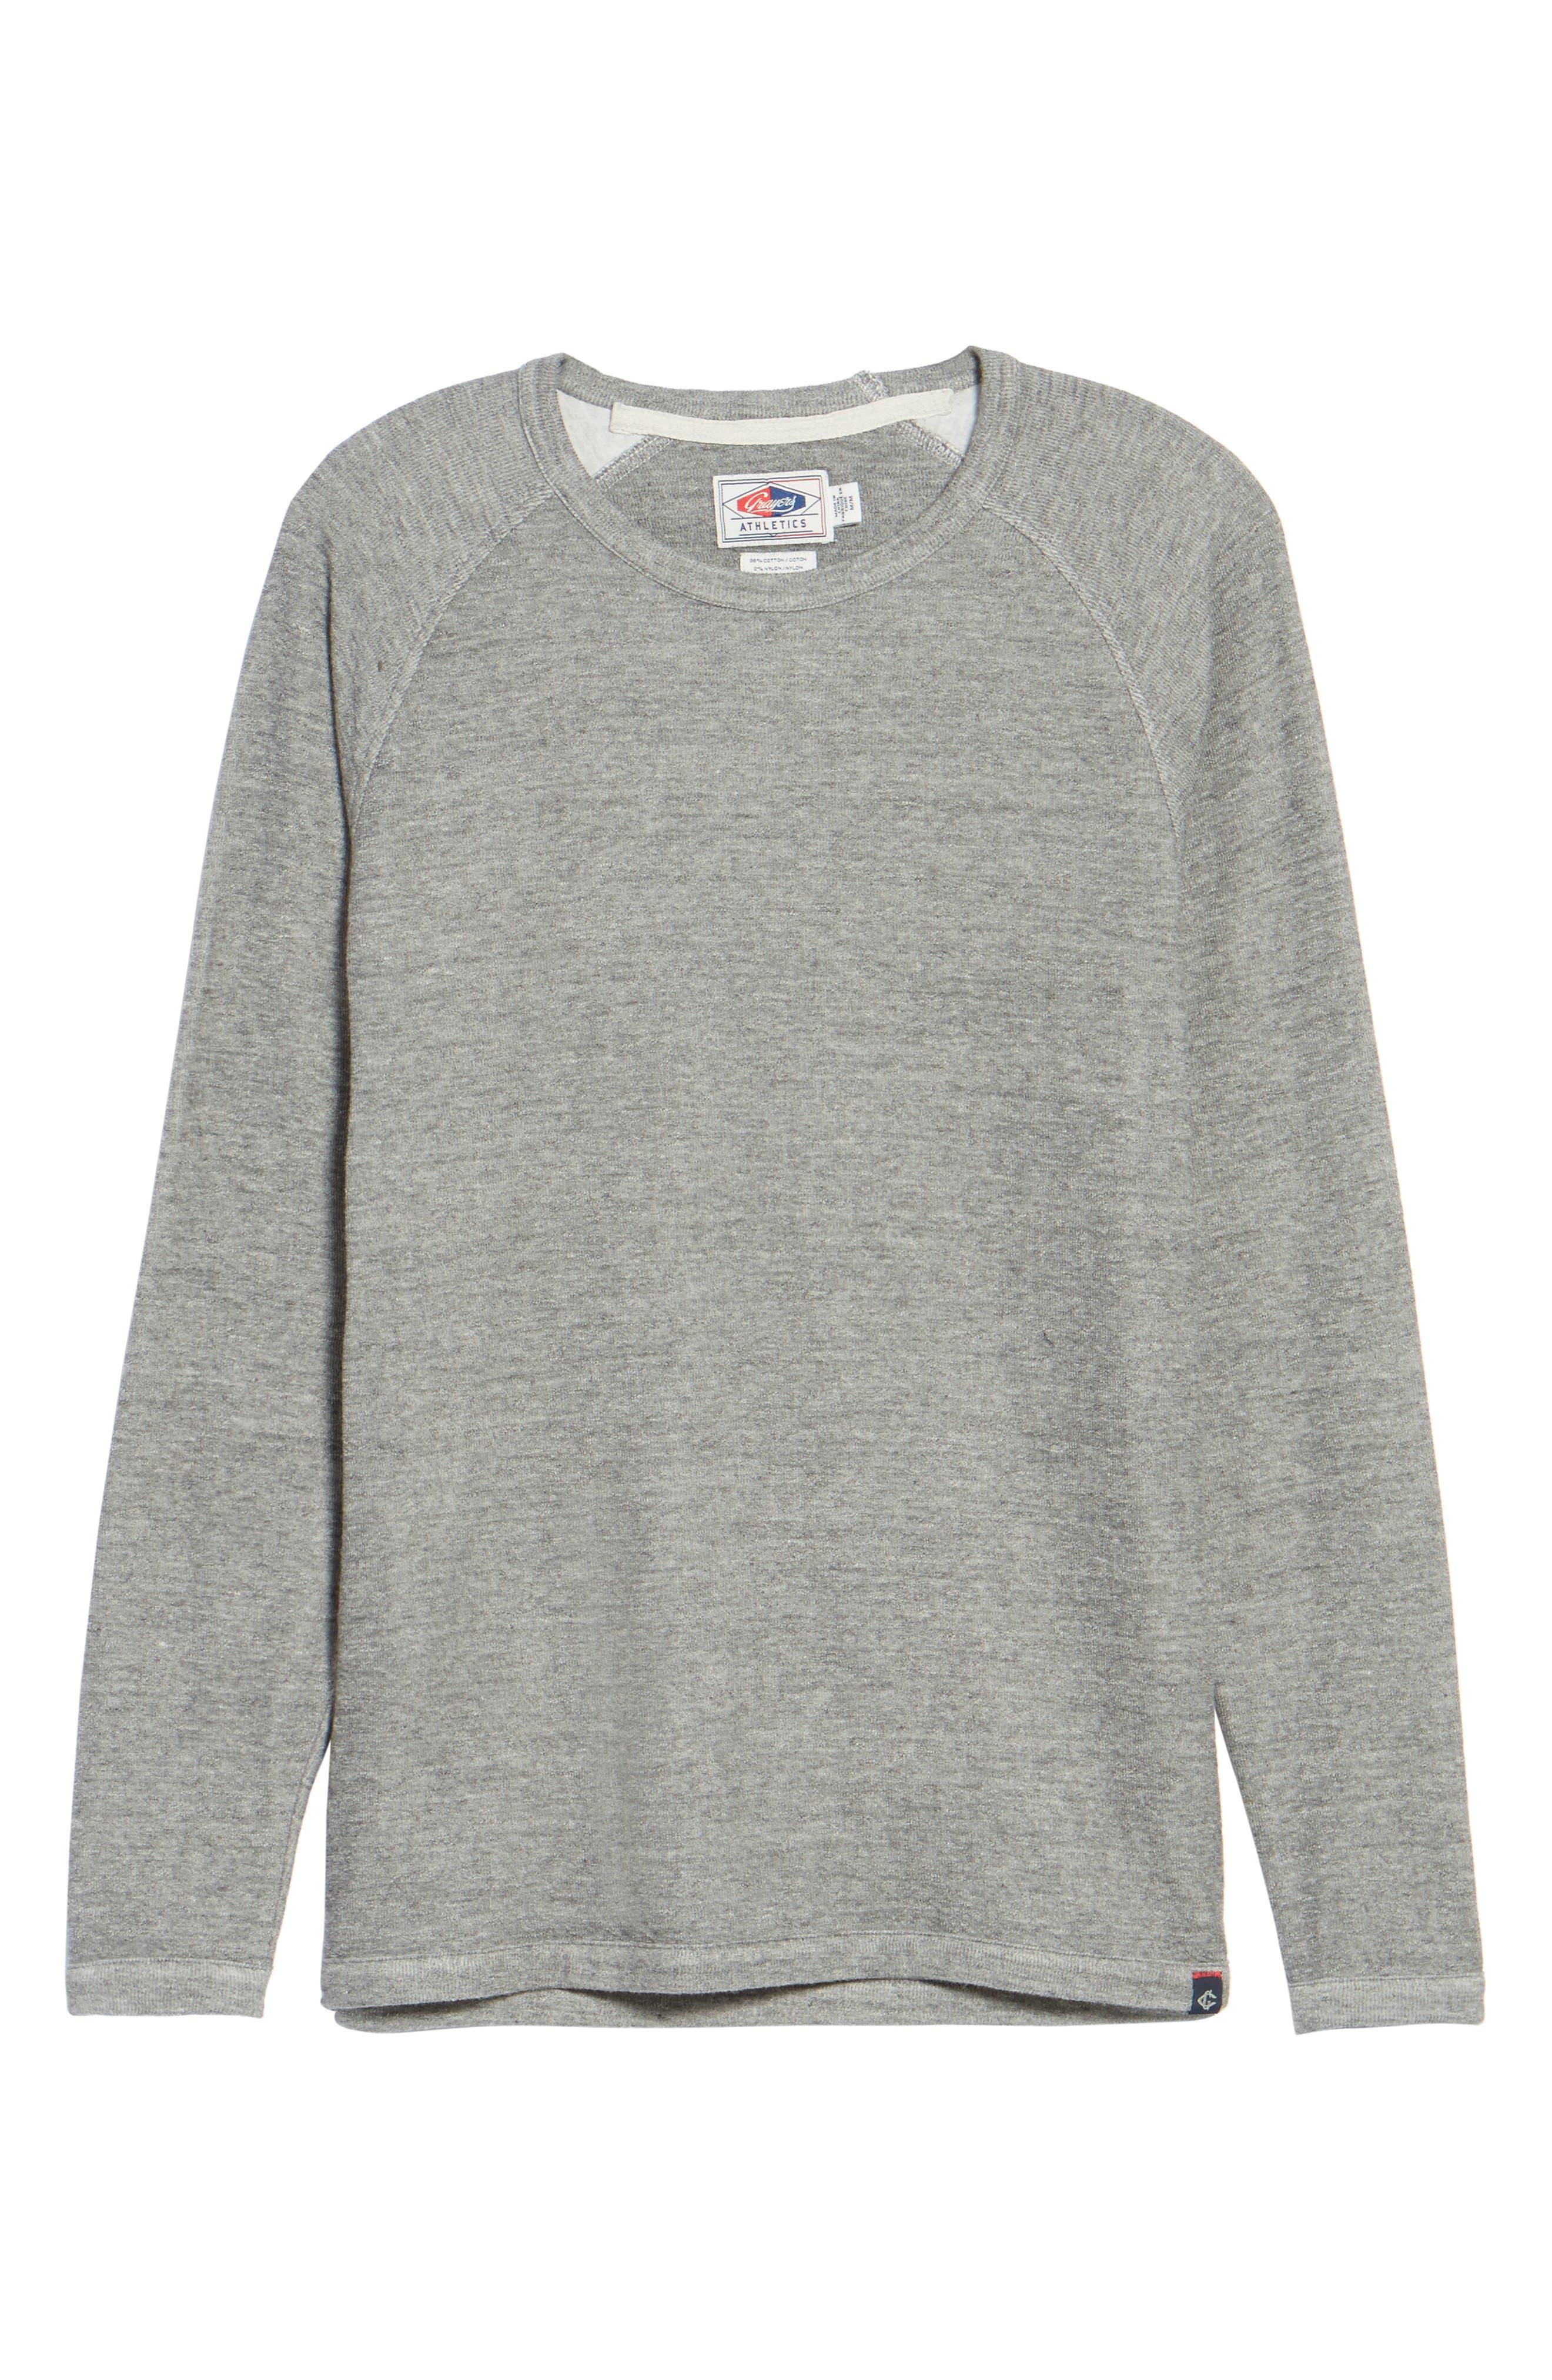 Jensen Double Cloth Crewneck Shirt,                             Alternate thumbnail 6, color,                             031